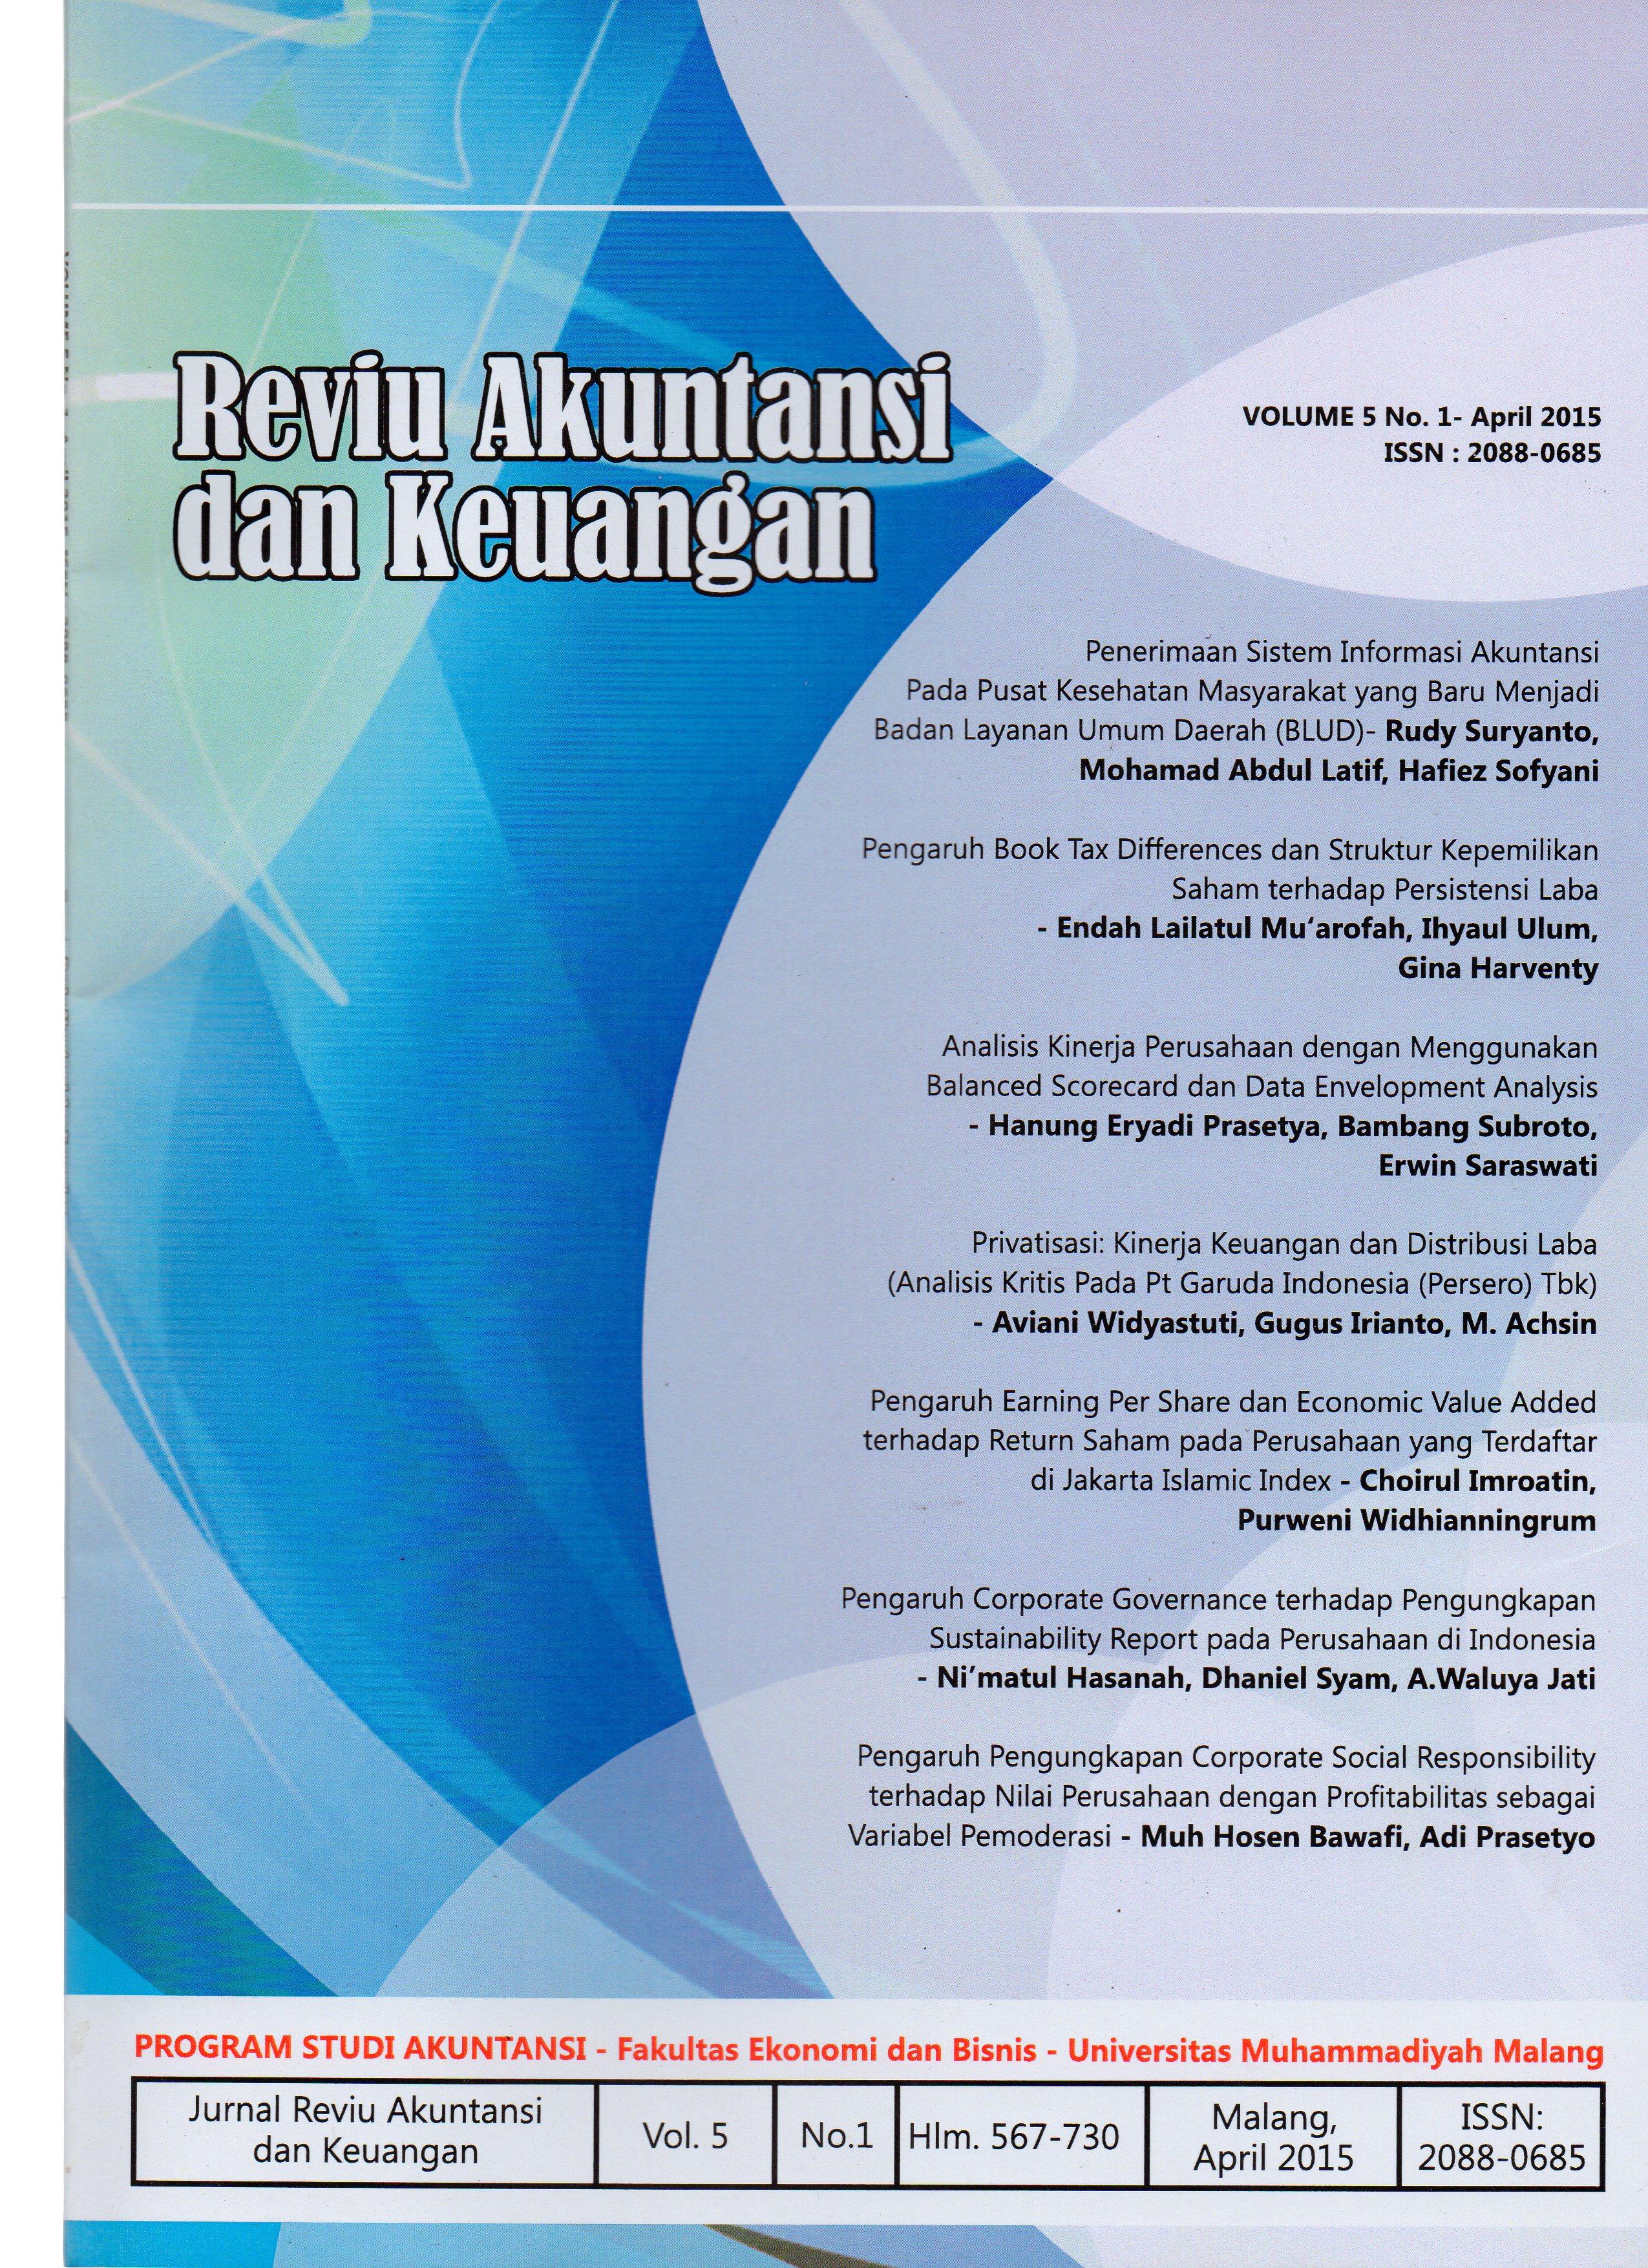 View Vol. 5 No. 1: Jurnal Reviu Akuntansi dan Keuangan